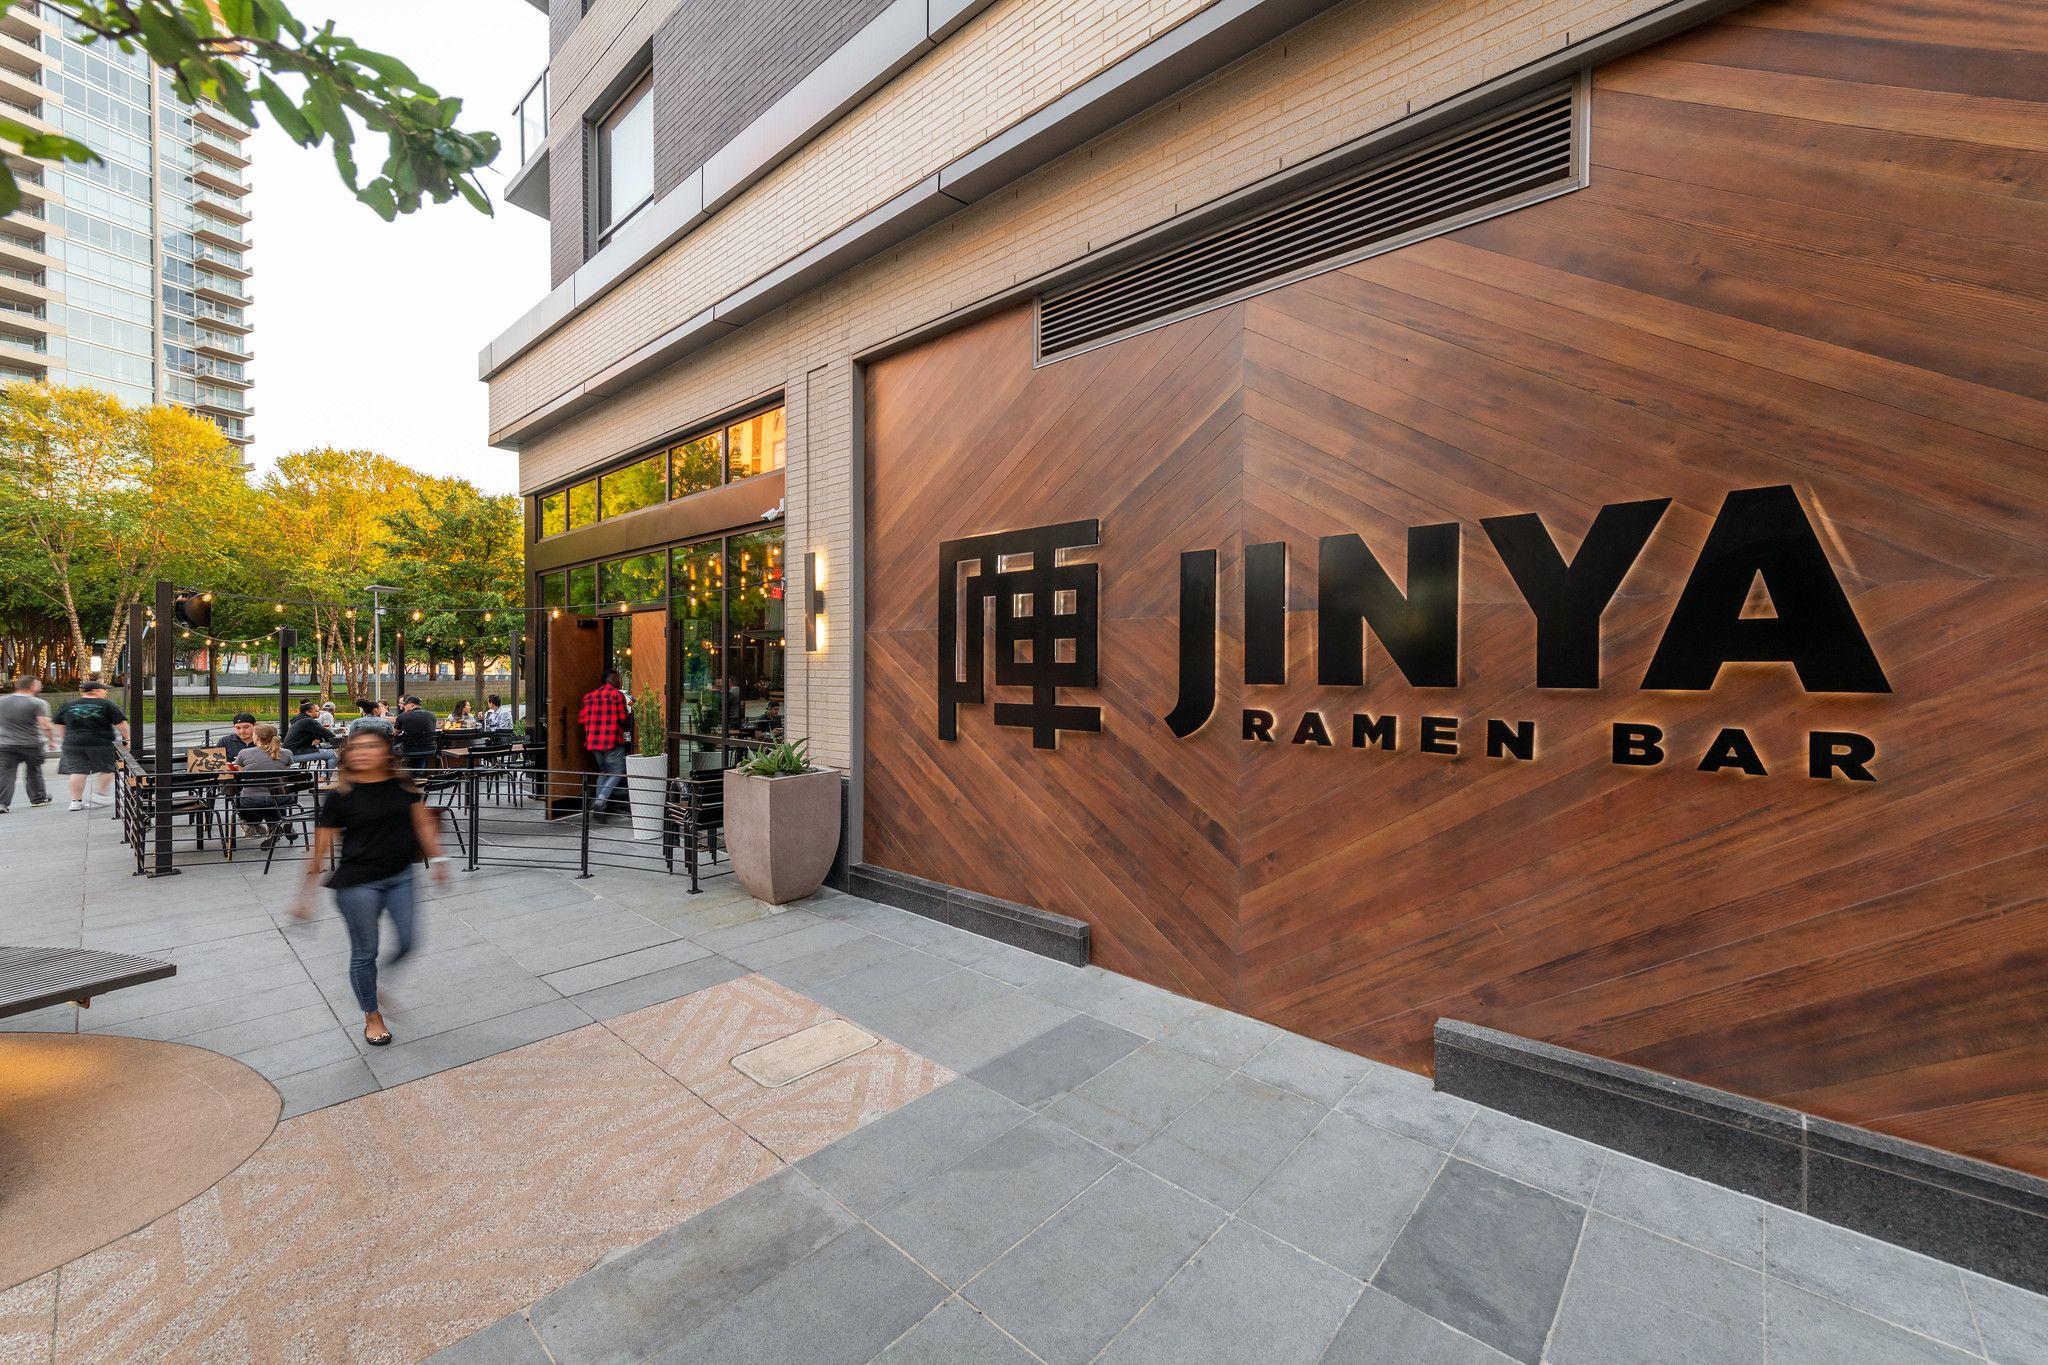 08 Jinya Ramen Bar.jpg